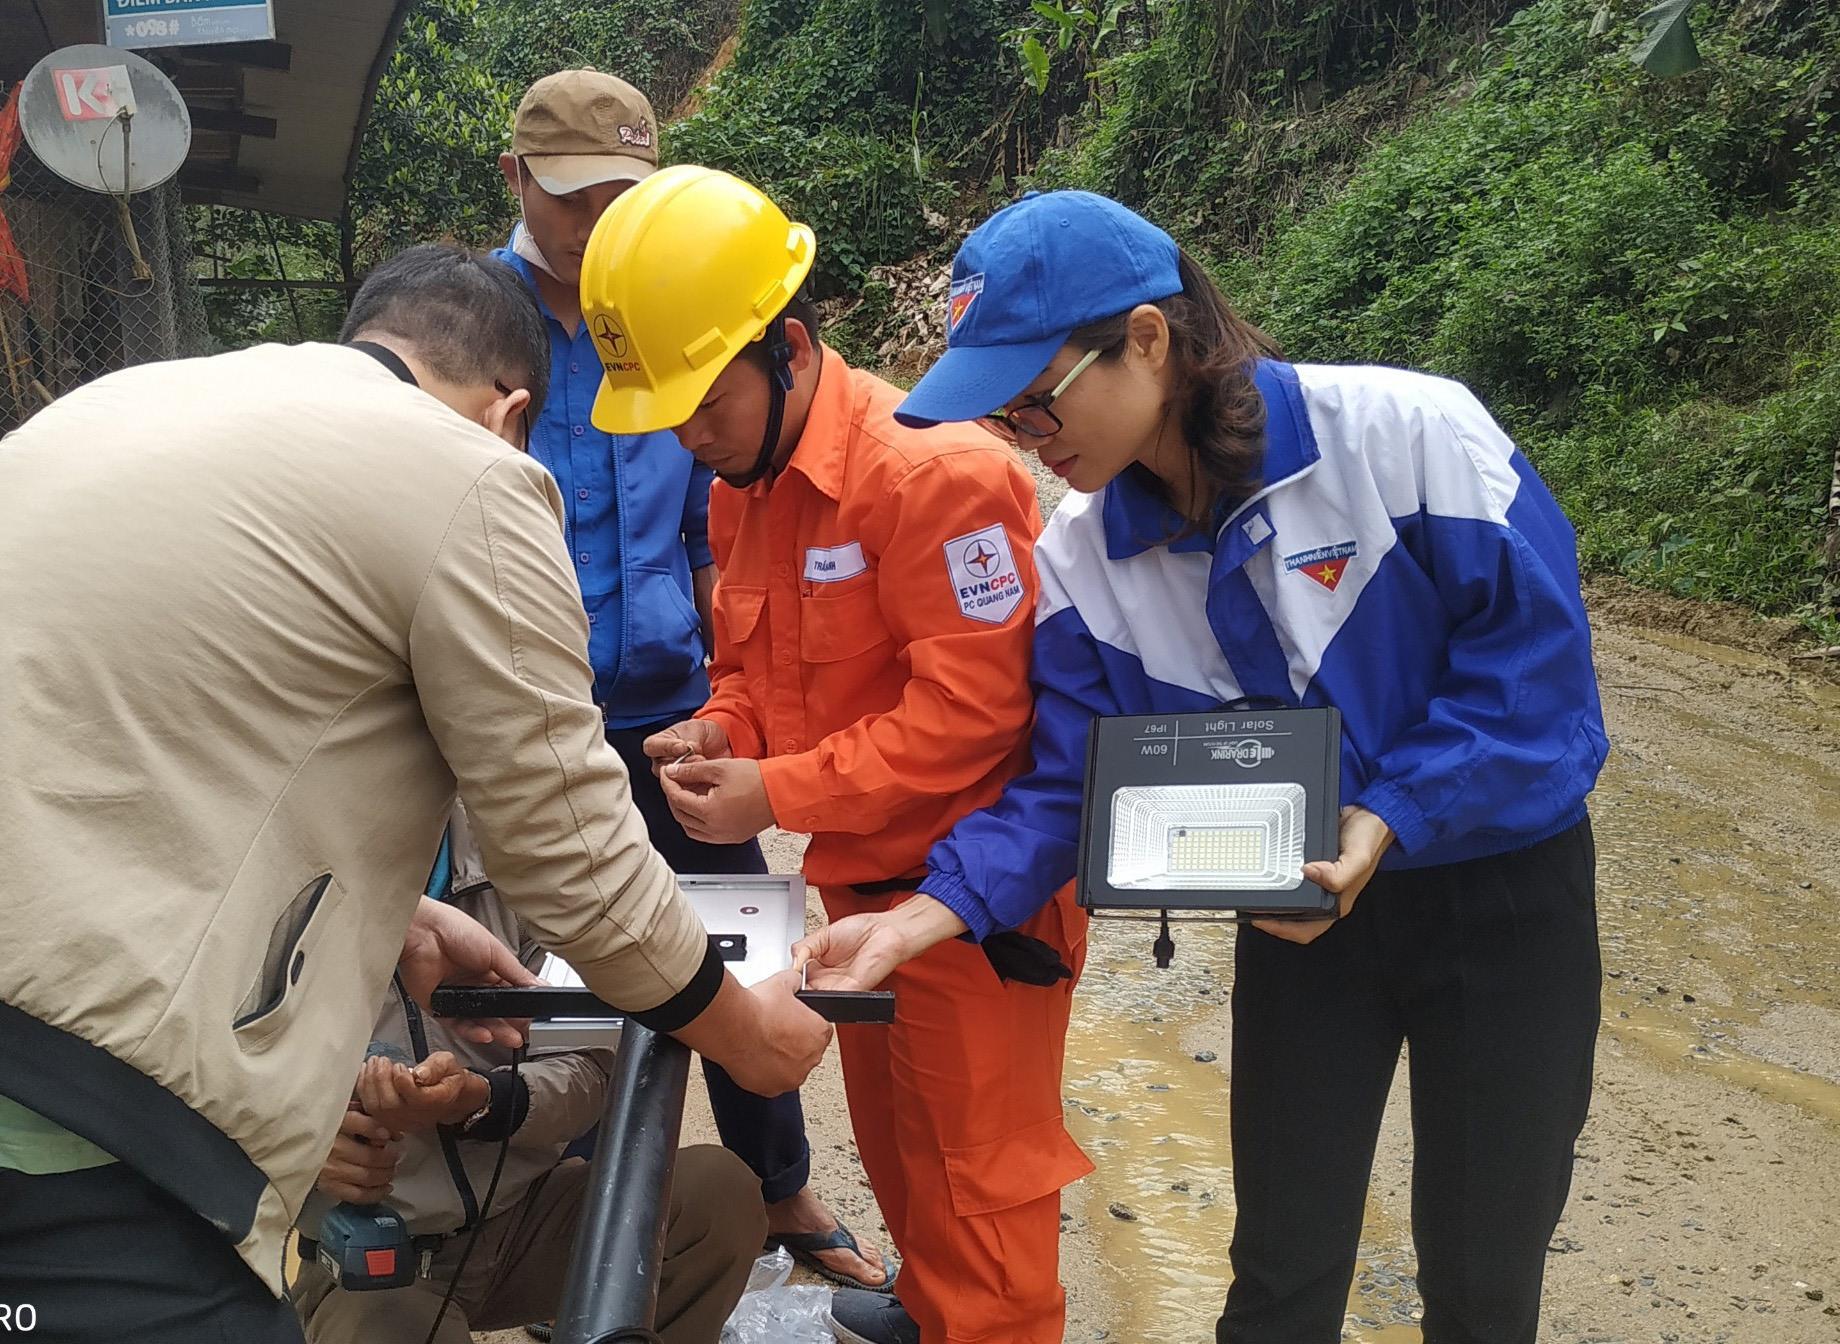 Đoàn tình nguyện lắp đặt bóng điện năng lượng mặt trời tại Nam Trà My. Ảnh: V.KỲ